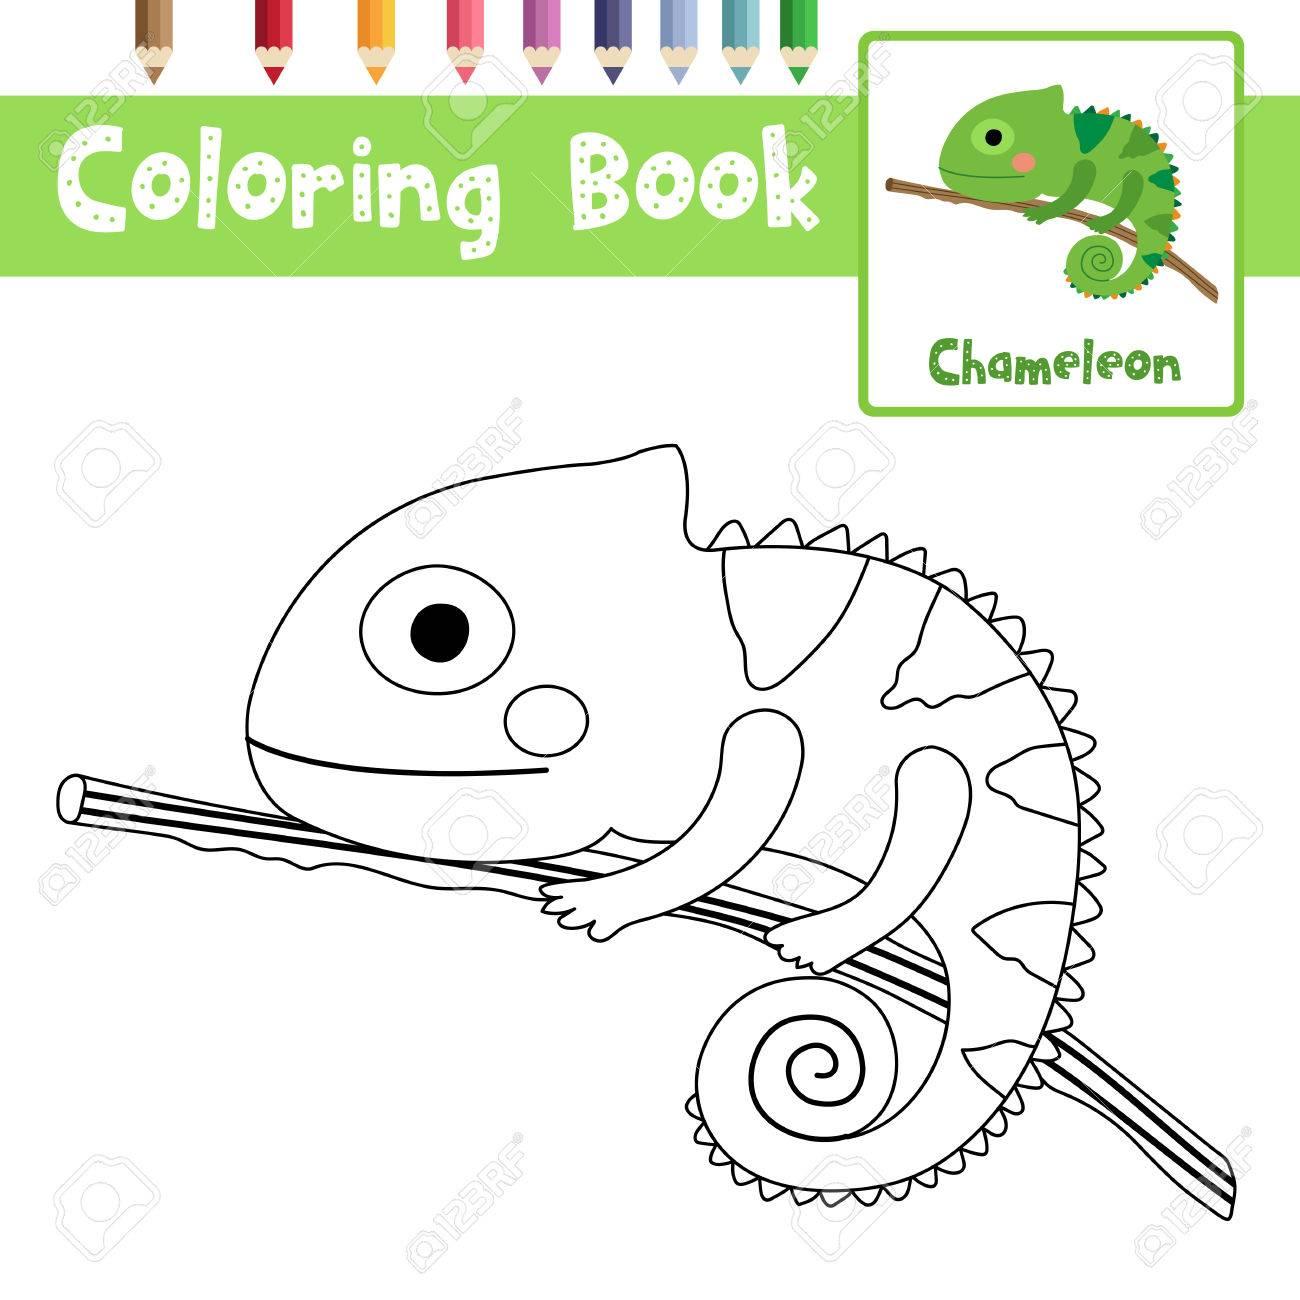 Malvorlage Von Chameleon Auf Zweig Tiere Für Vorschule Kinder ...